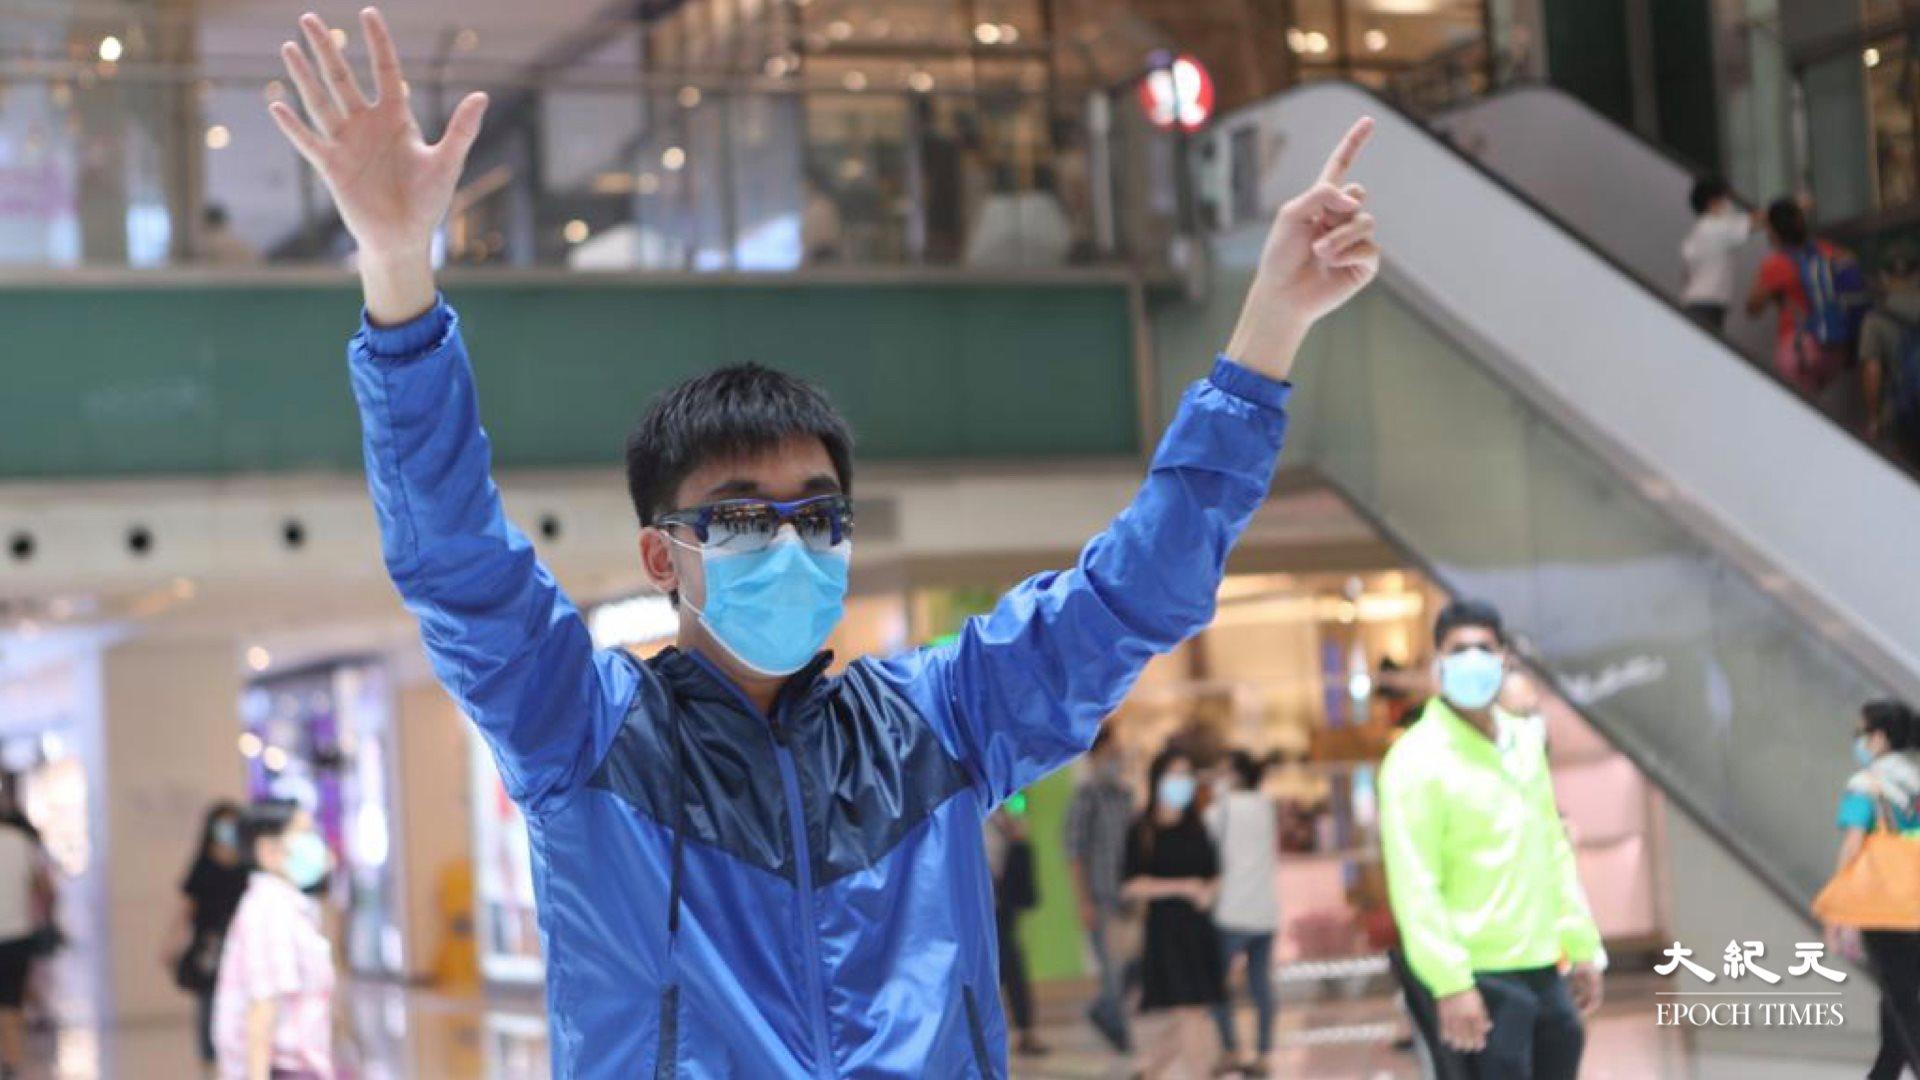 7月7日,抗爭少年David在沙田新城市廣場1人「和你lunch」,越來越多市民和應口號。(余鋼/大紀元)